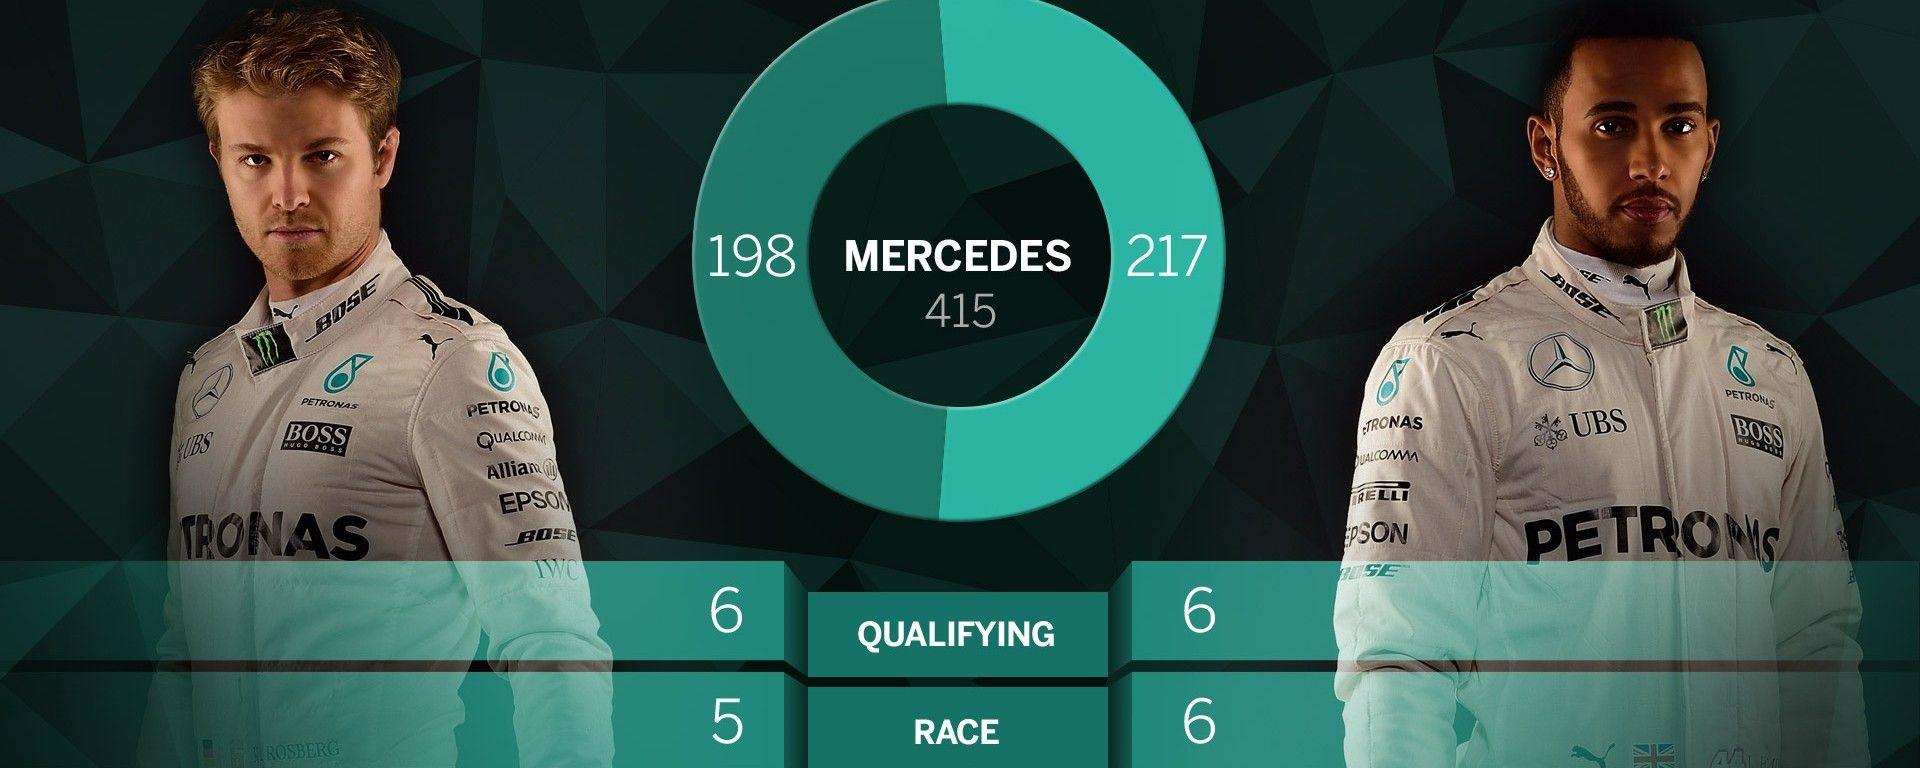 F1 2016: il punto di vista Mercedes AMG